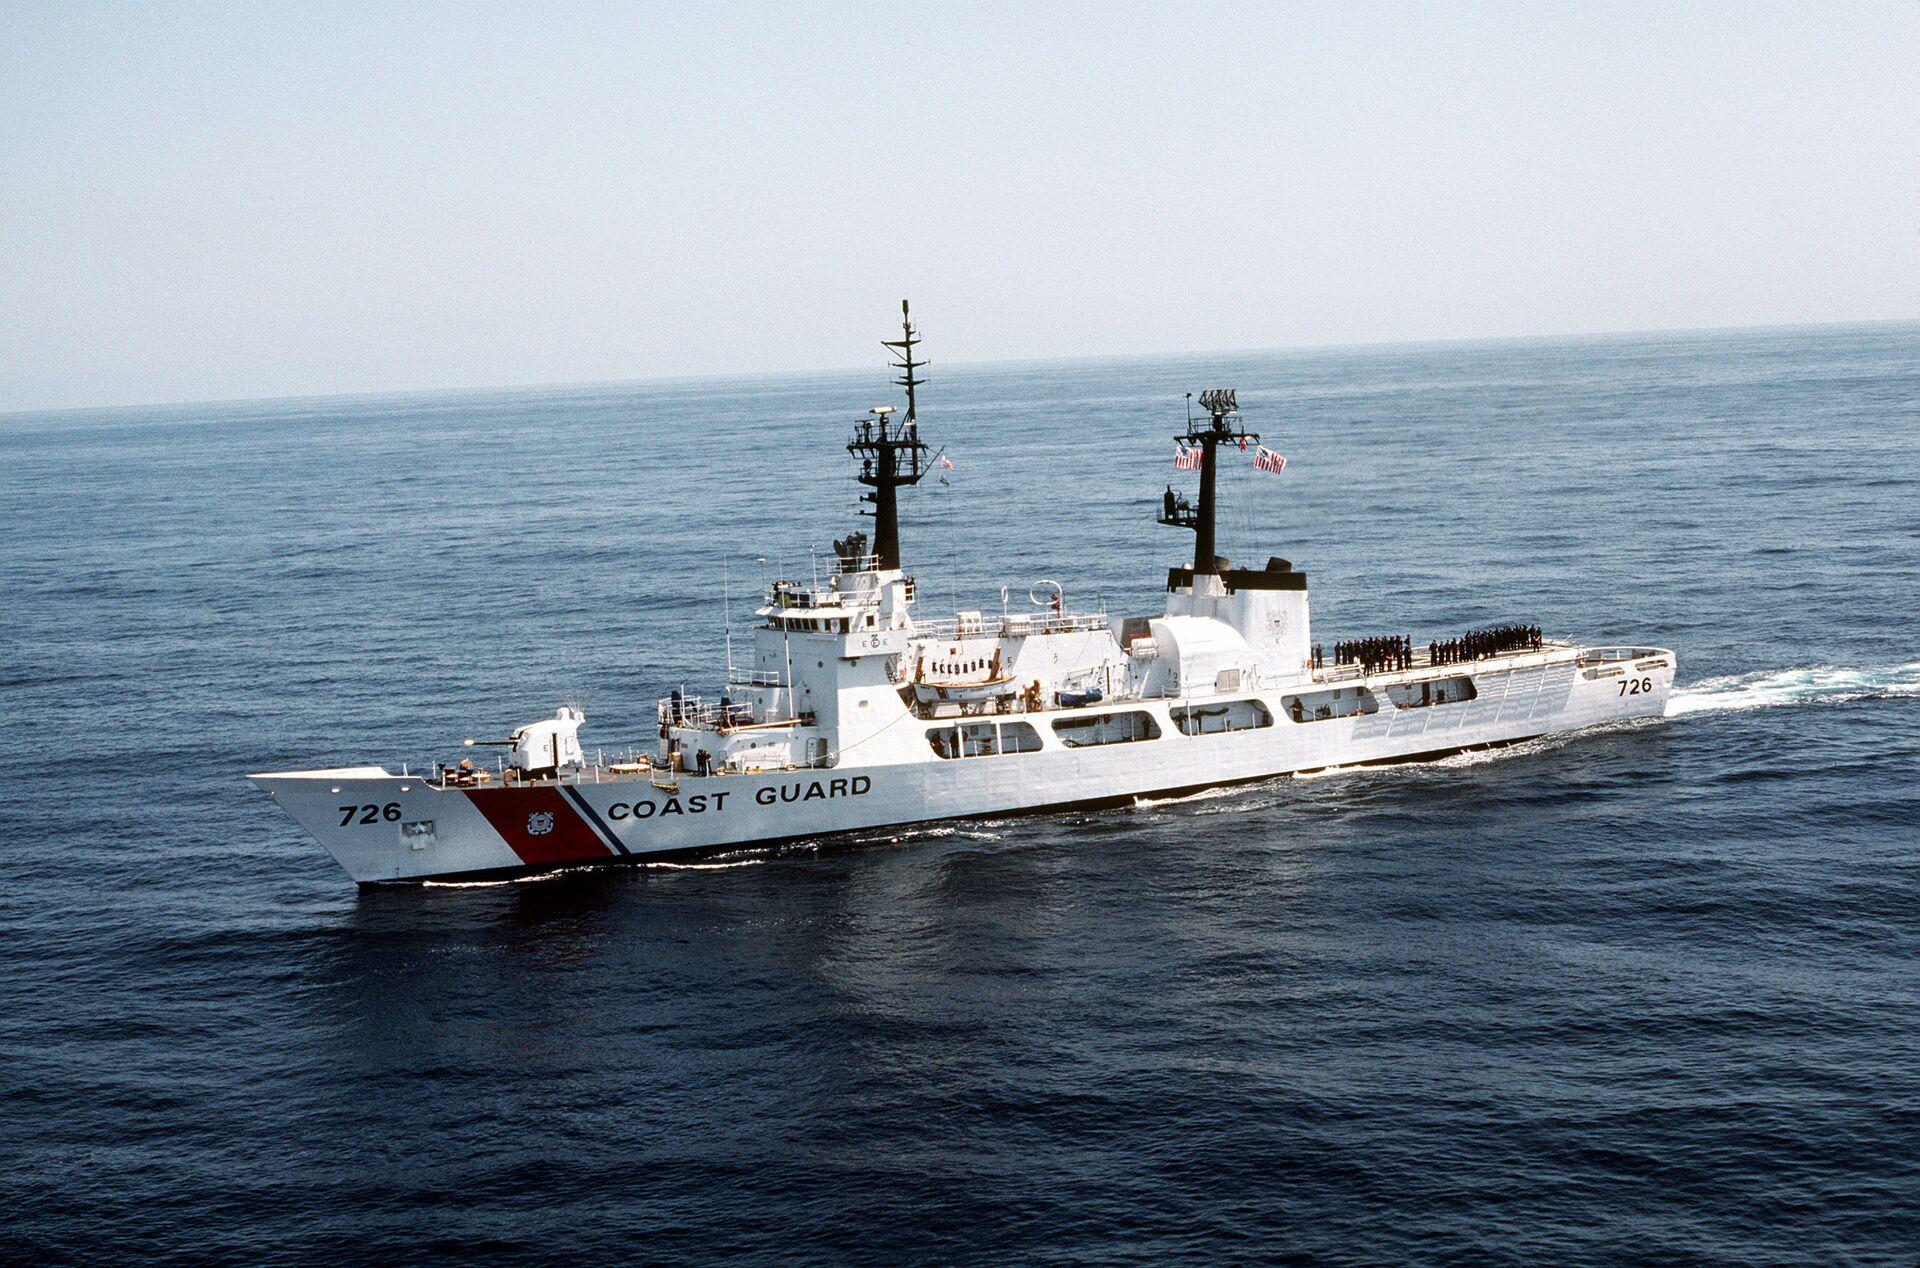 Mỹ sẽ giúp Việt Nam tăng sức mạnh phòng thủ ở Biển Đông - Sputnik Việt Nam, 1920, 29.07.2021